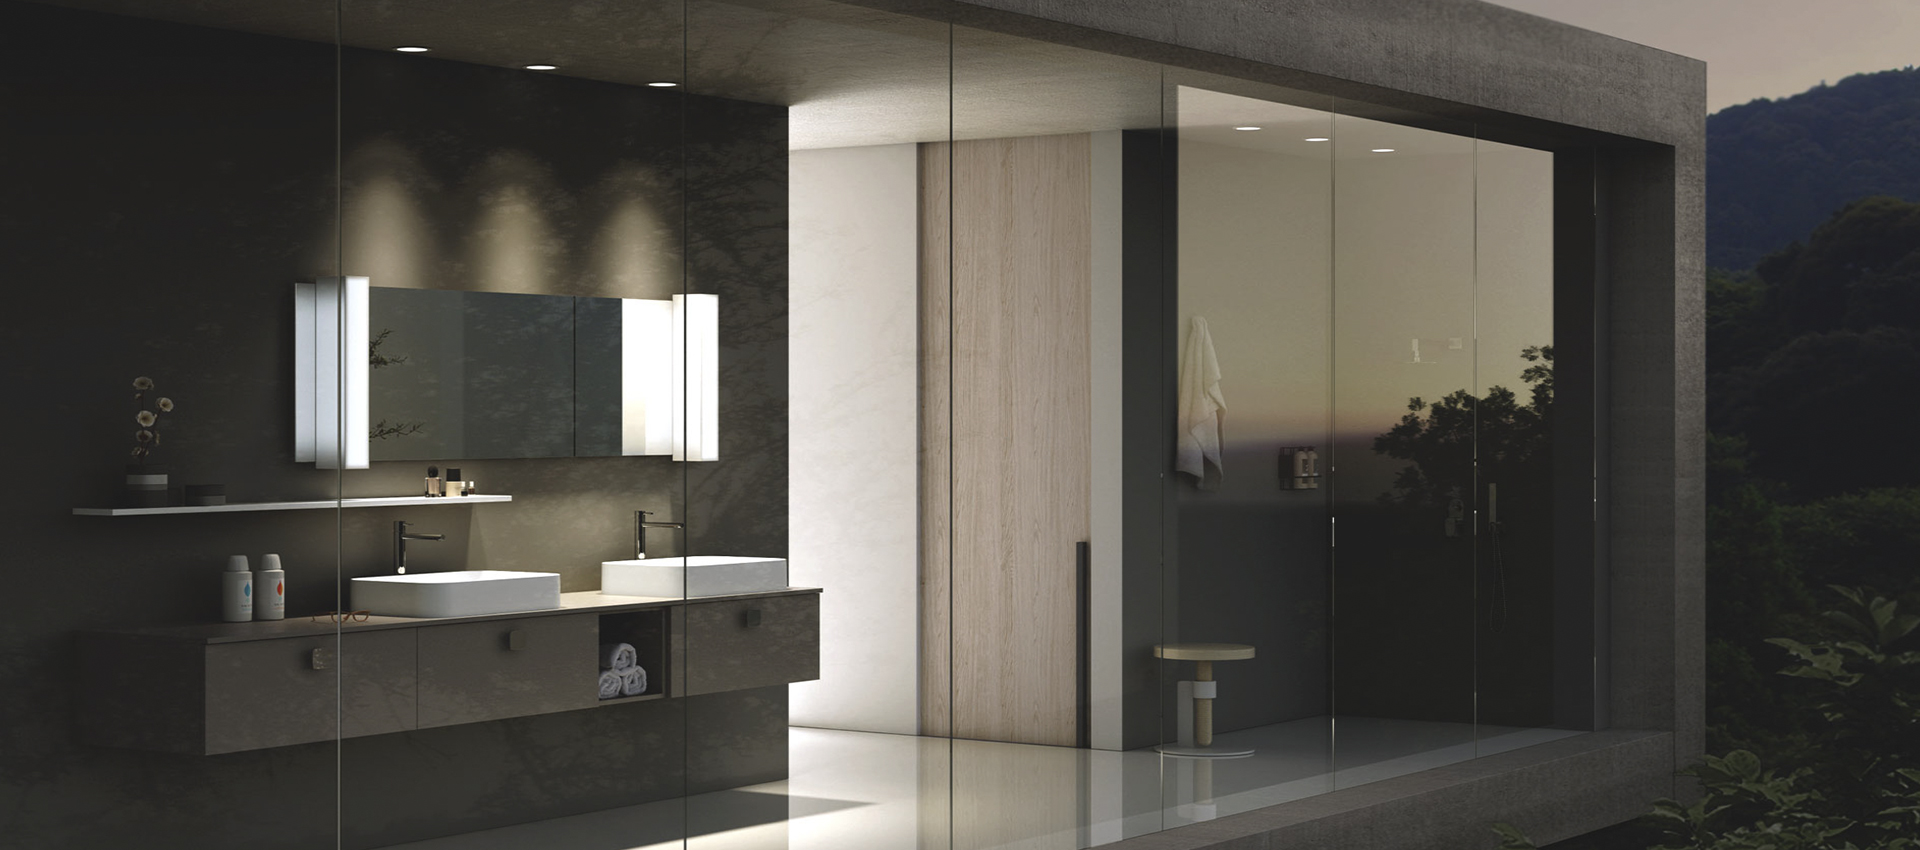 Produzione mobili bagno brianza outlet arredo bagno monza e brianza como milano occasioni box - Arredo bagno brianza ...